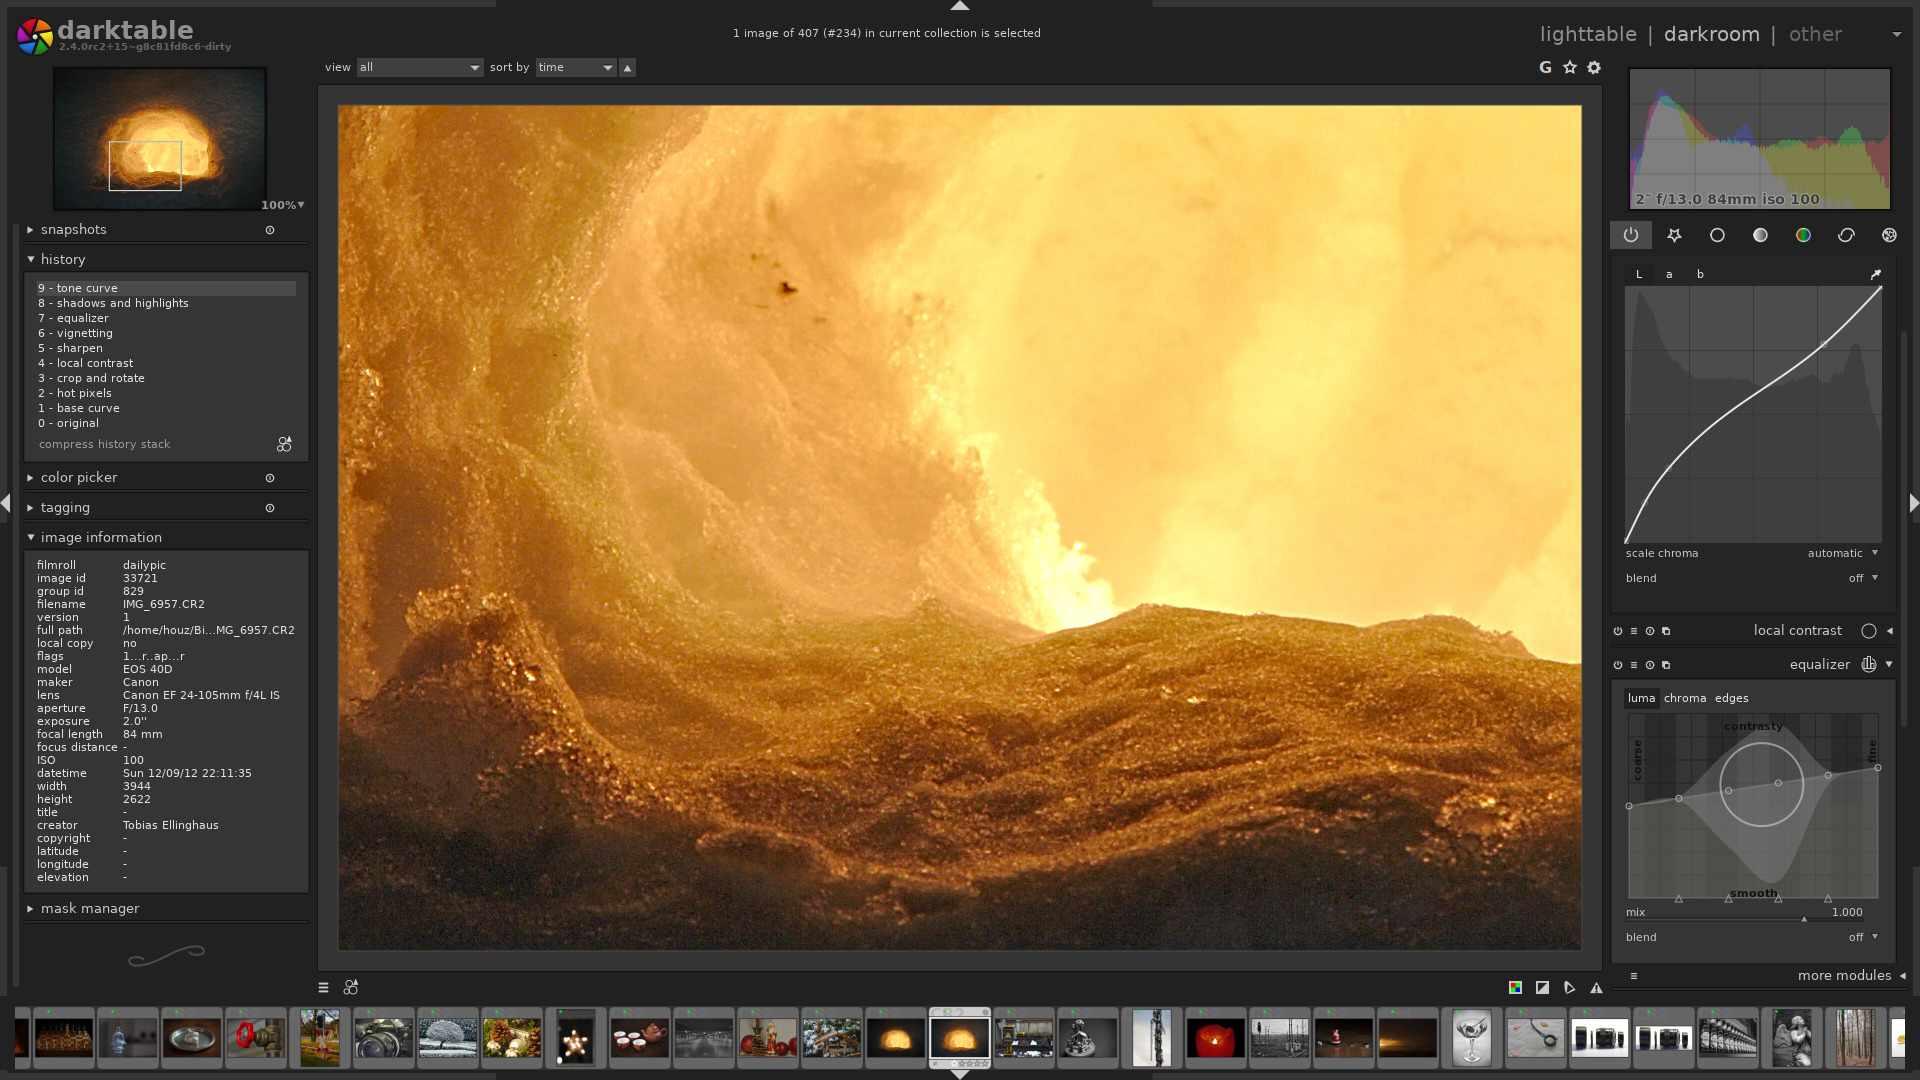 darktable's darkroom mode, sharpening an image